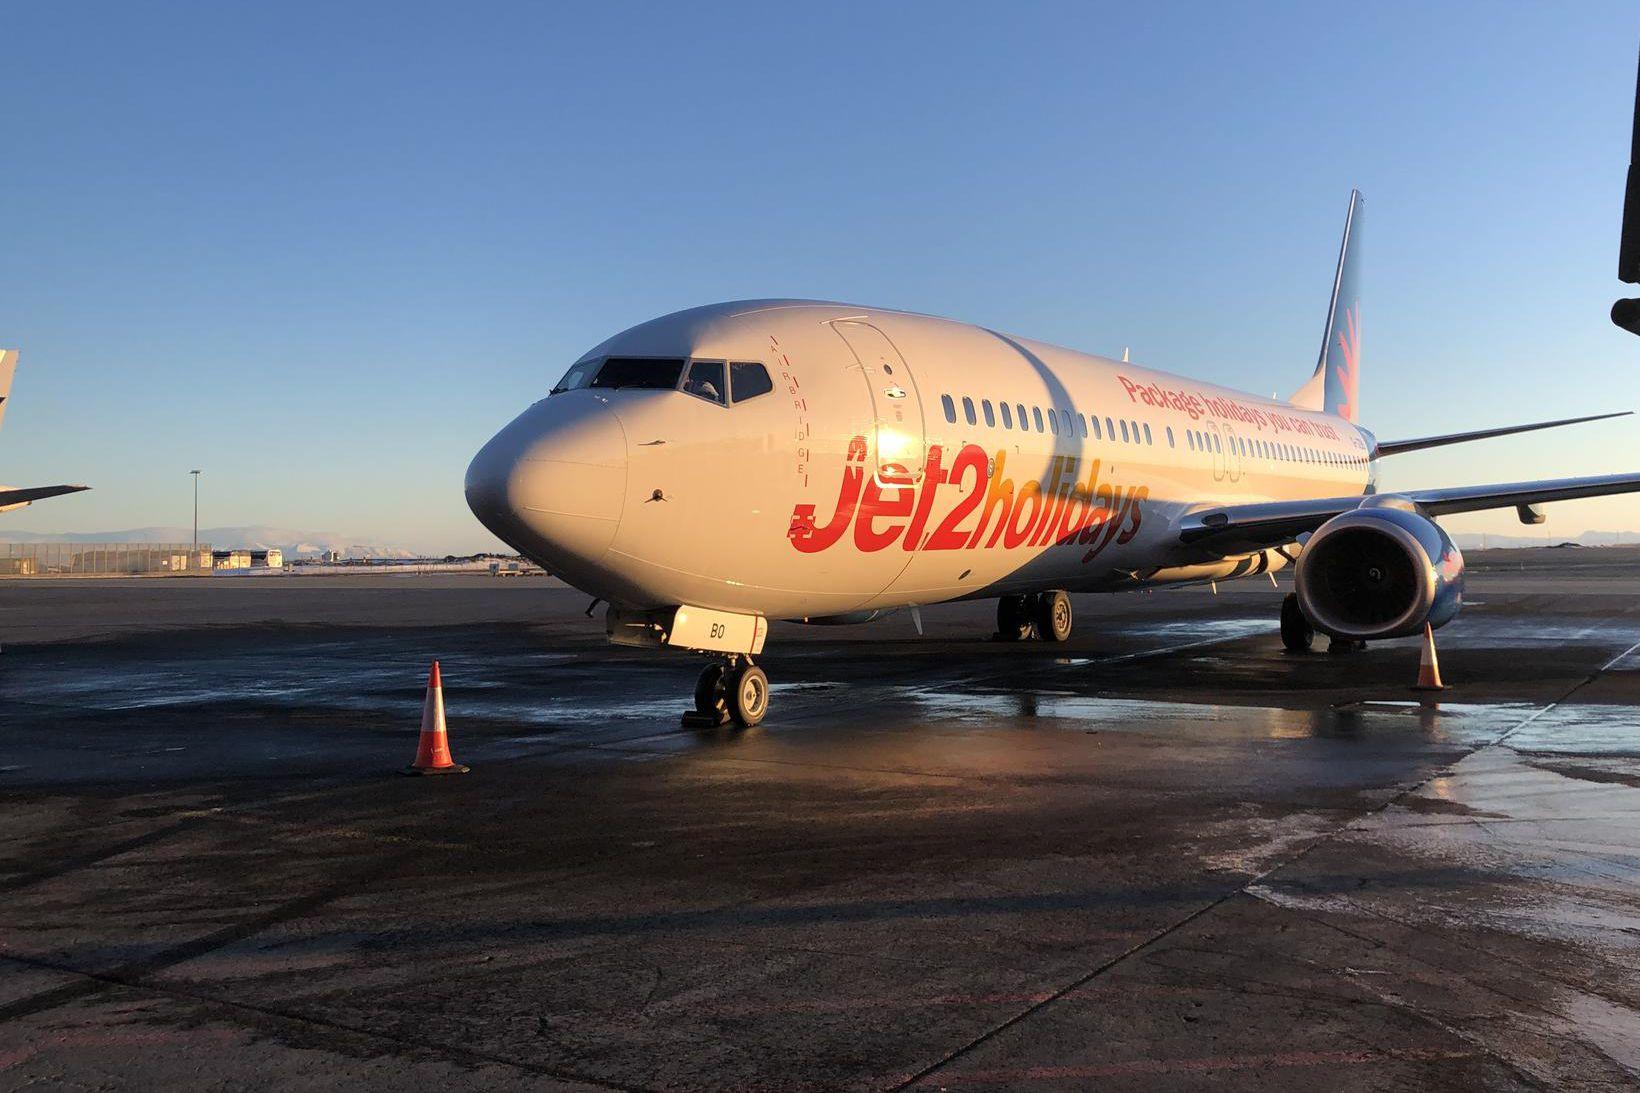 Frá fyrsta flugi Jet2.com til Keflavíkur 7. febrúar árið 2019.